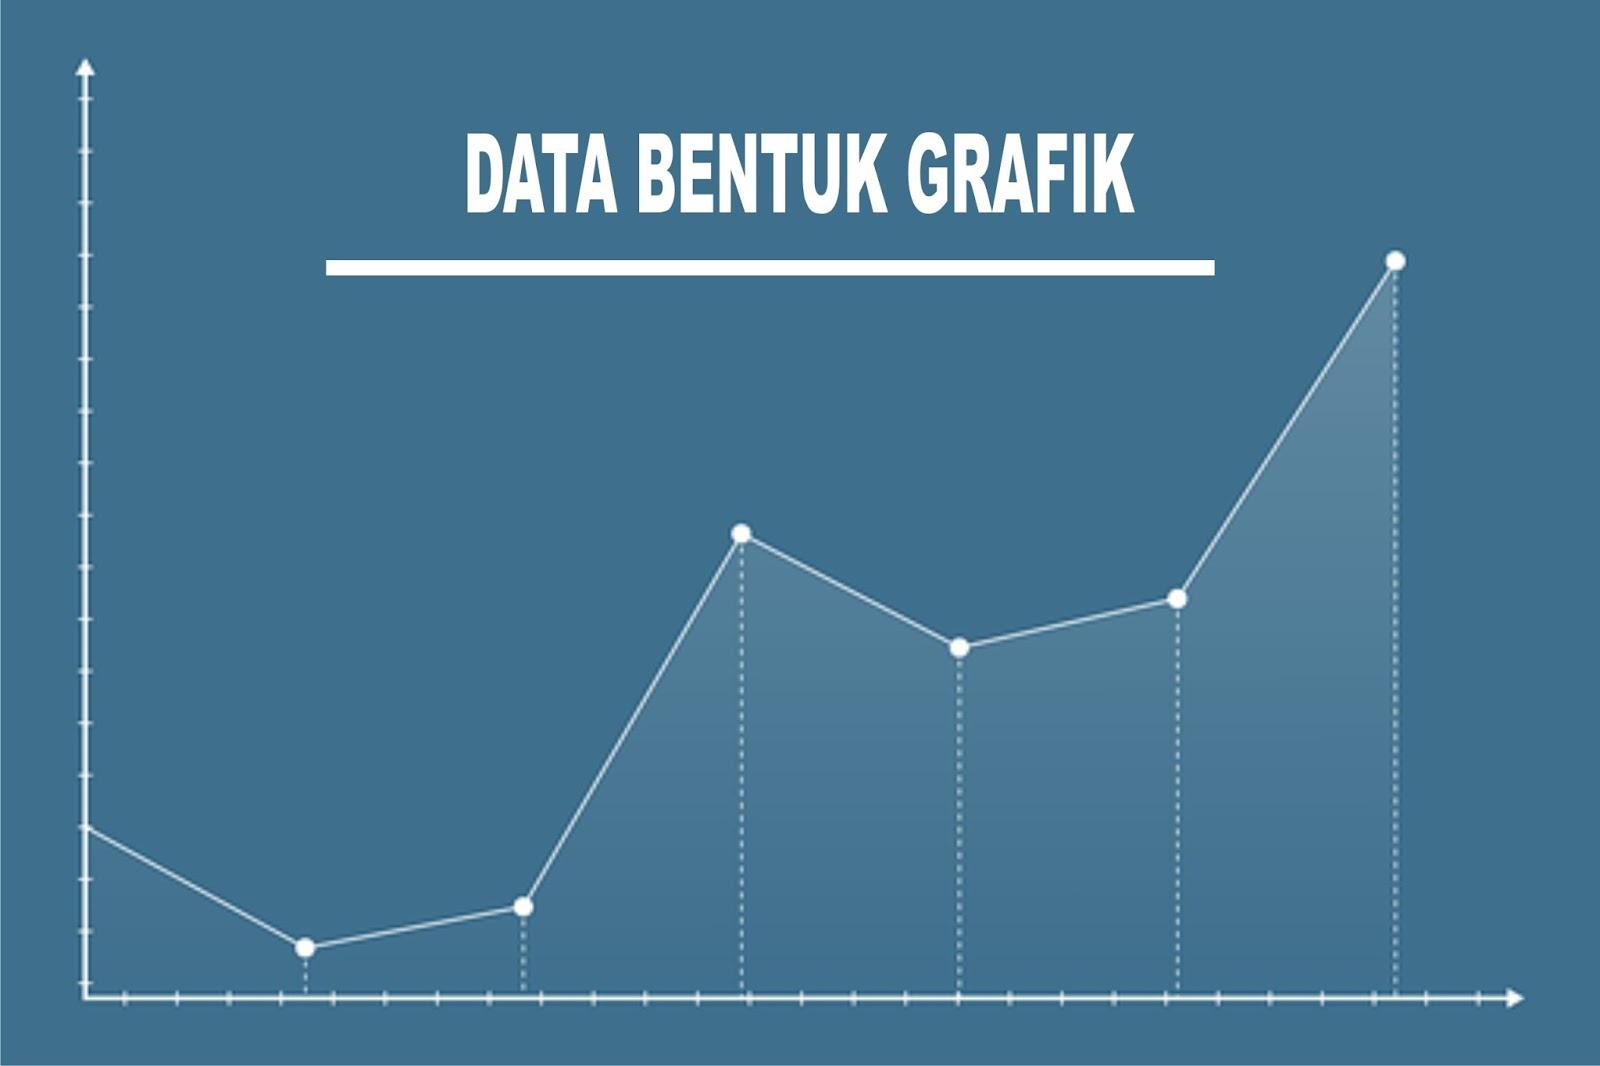 5 macam grafik paling mudah dalam menyajikan data statistika atau 5 macam grafik paling mudah dalam menyajikan data statistika atau penelitian ccuart Gallery